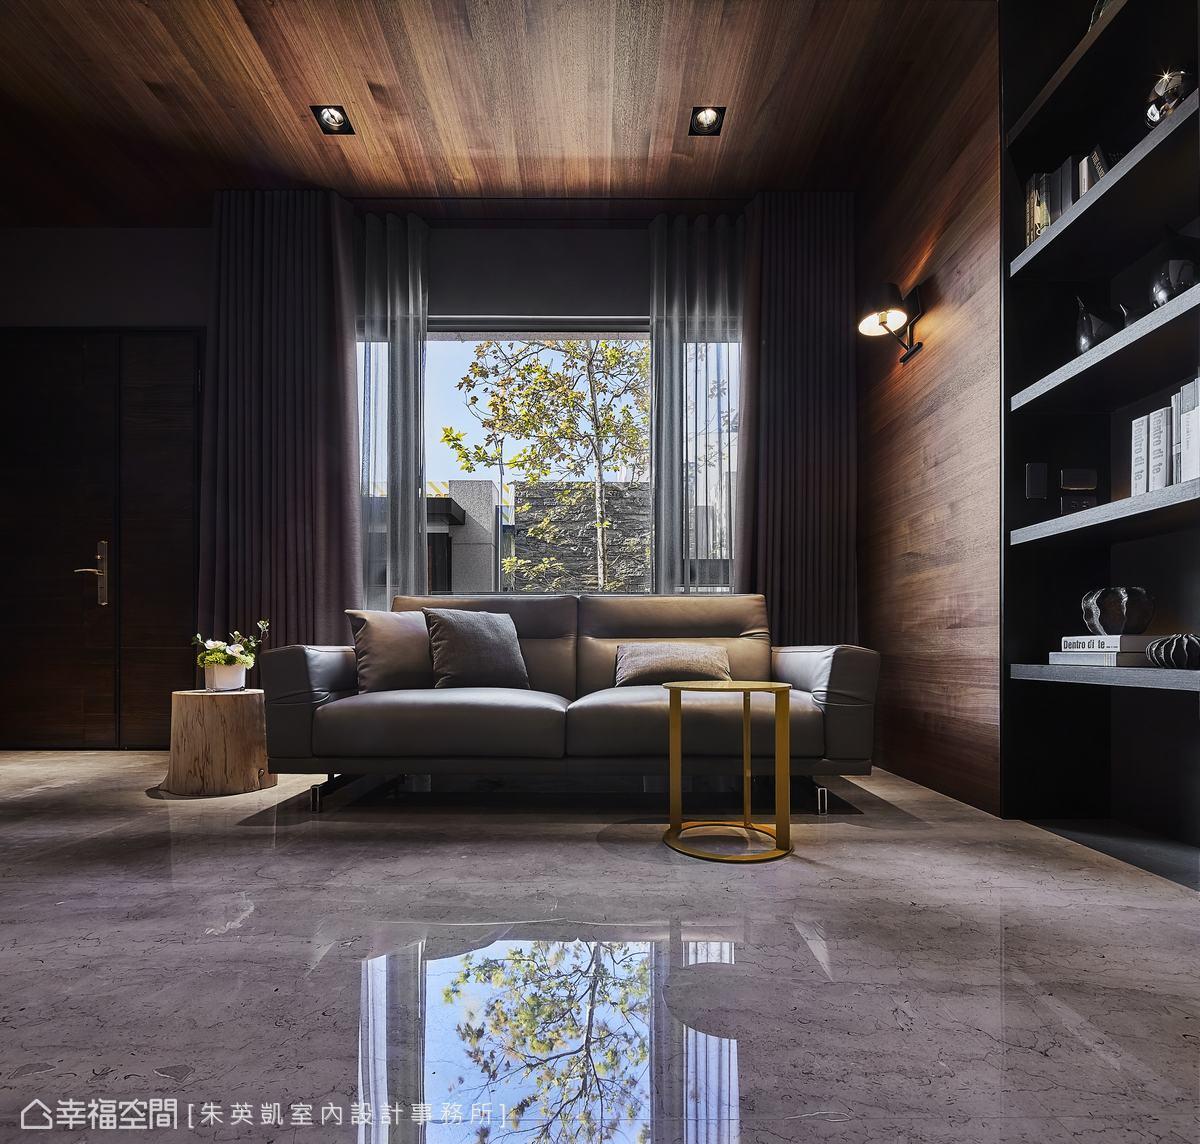 一扇窗就是一幅畫,將日夜更迭延攬入室,譜寫成日常即景。